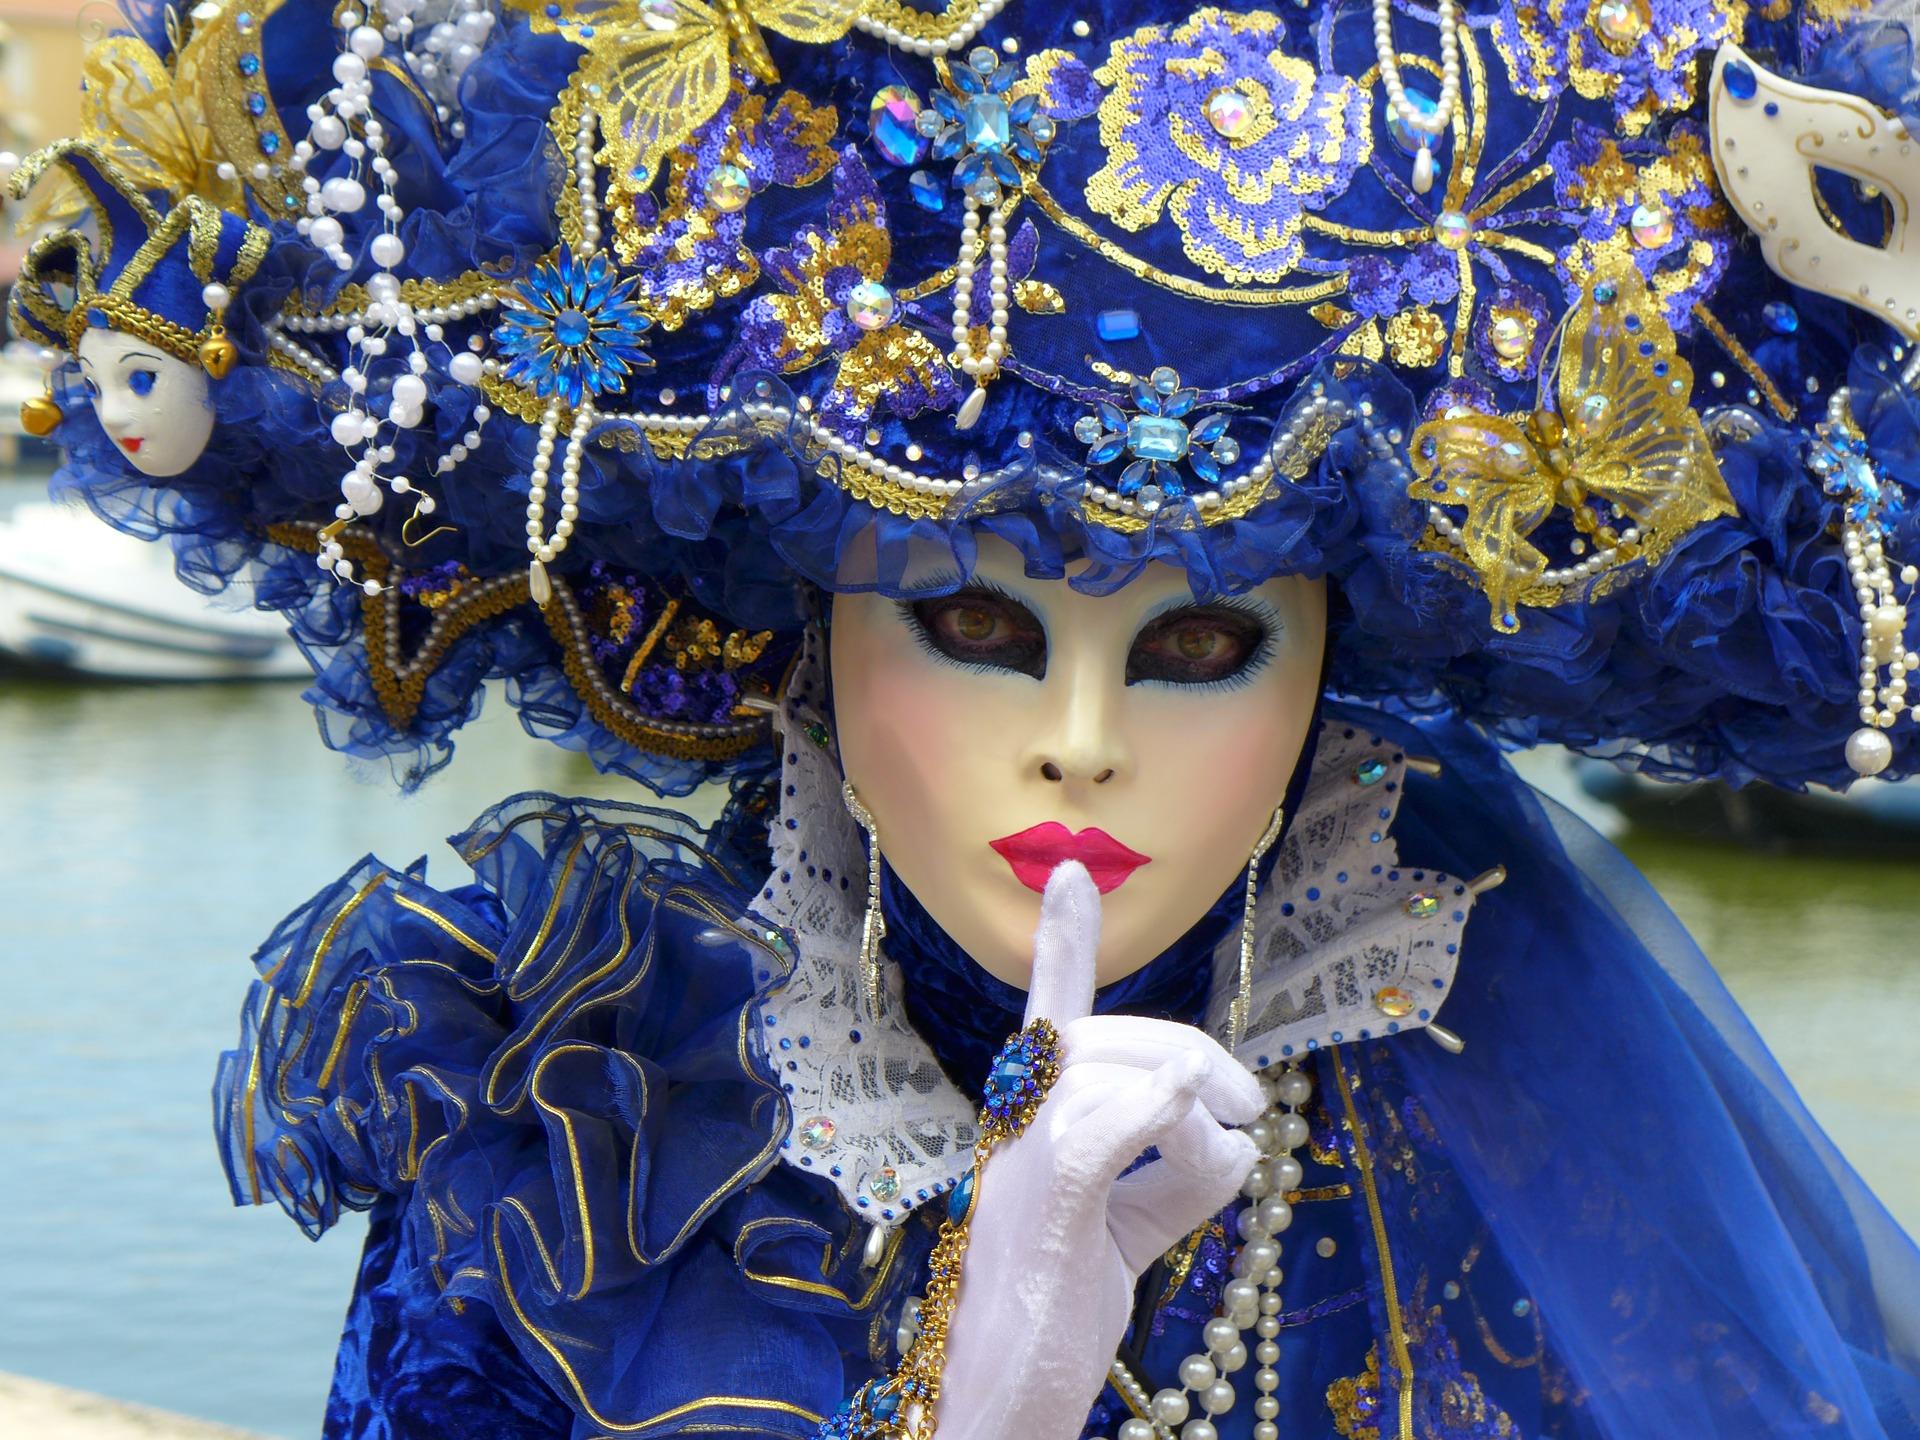 Zakázaný Benátský karneval: zločiny skryté za maskou